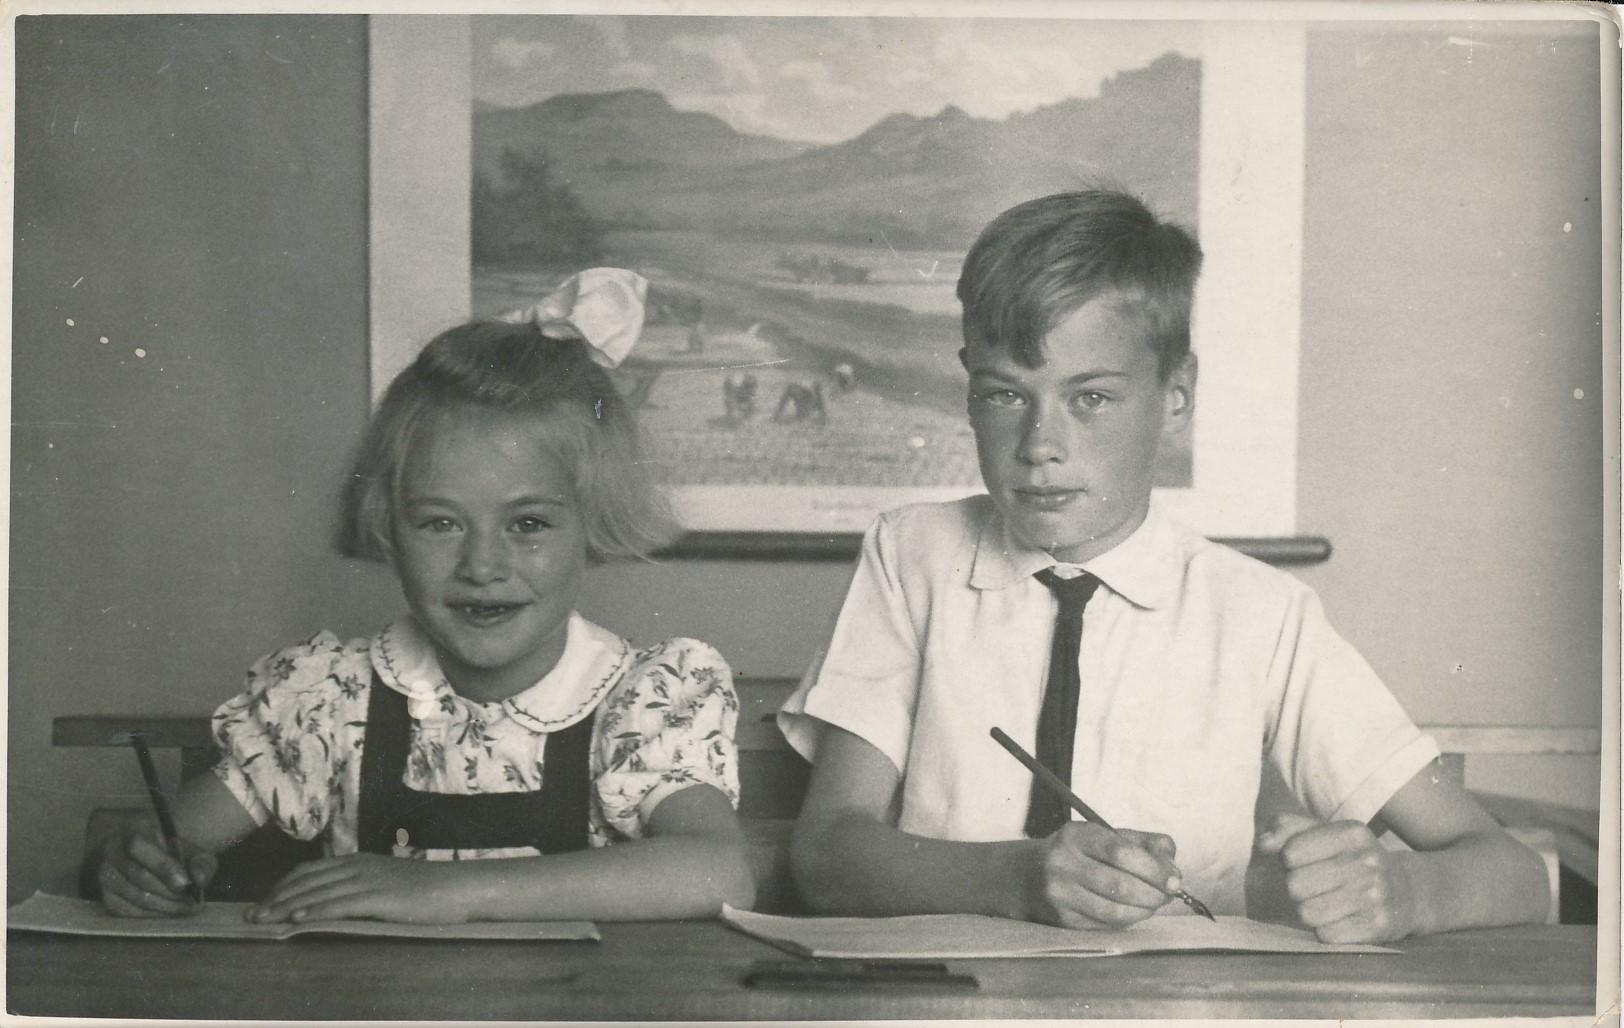 Fotoalbum Andre Kamsma, 160, septimber 1946, Rjimke en Lauw Kamsma